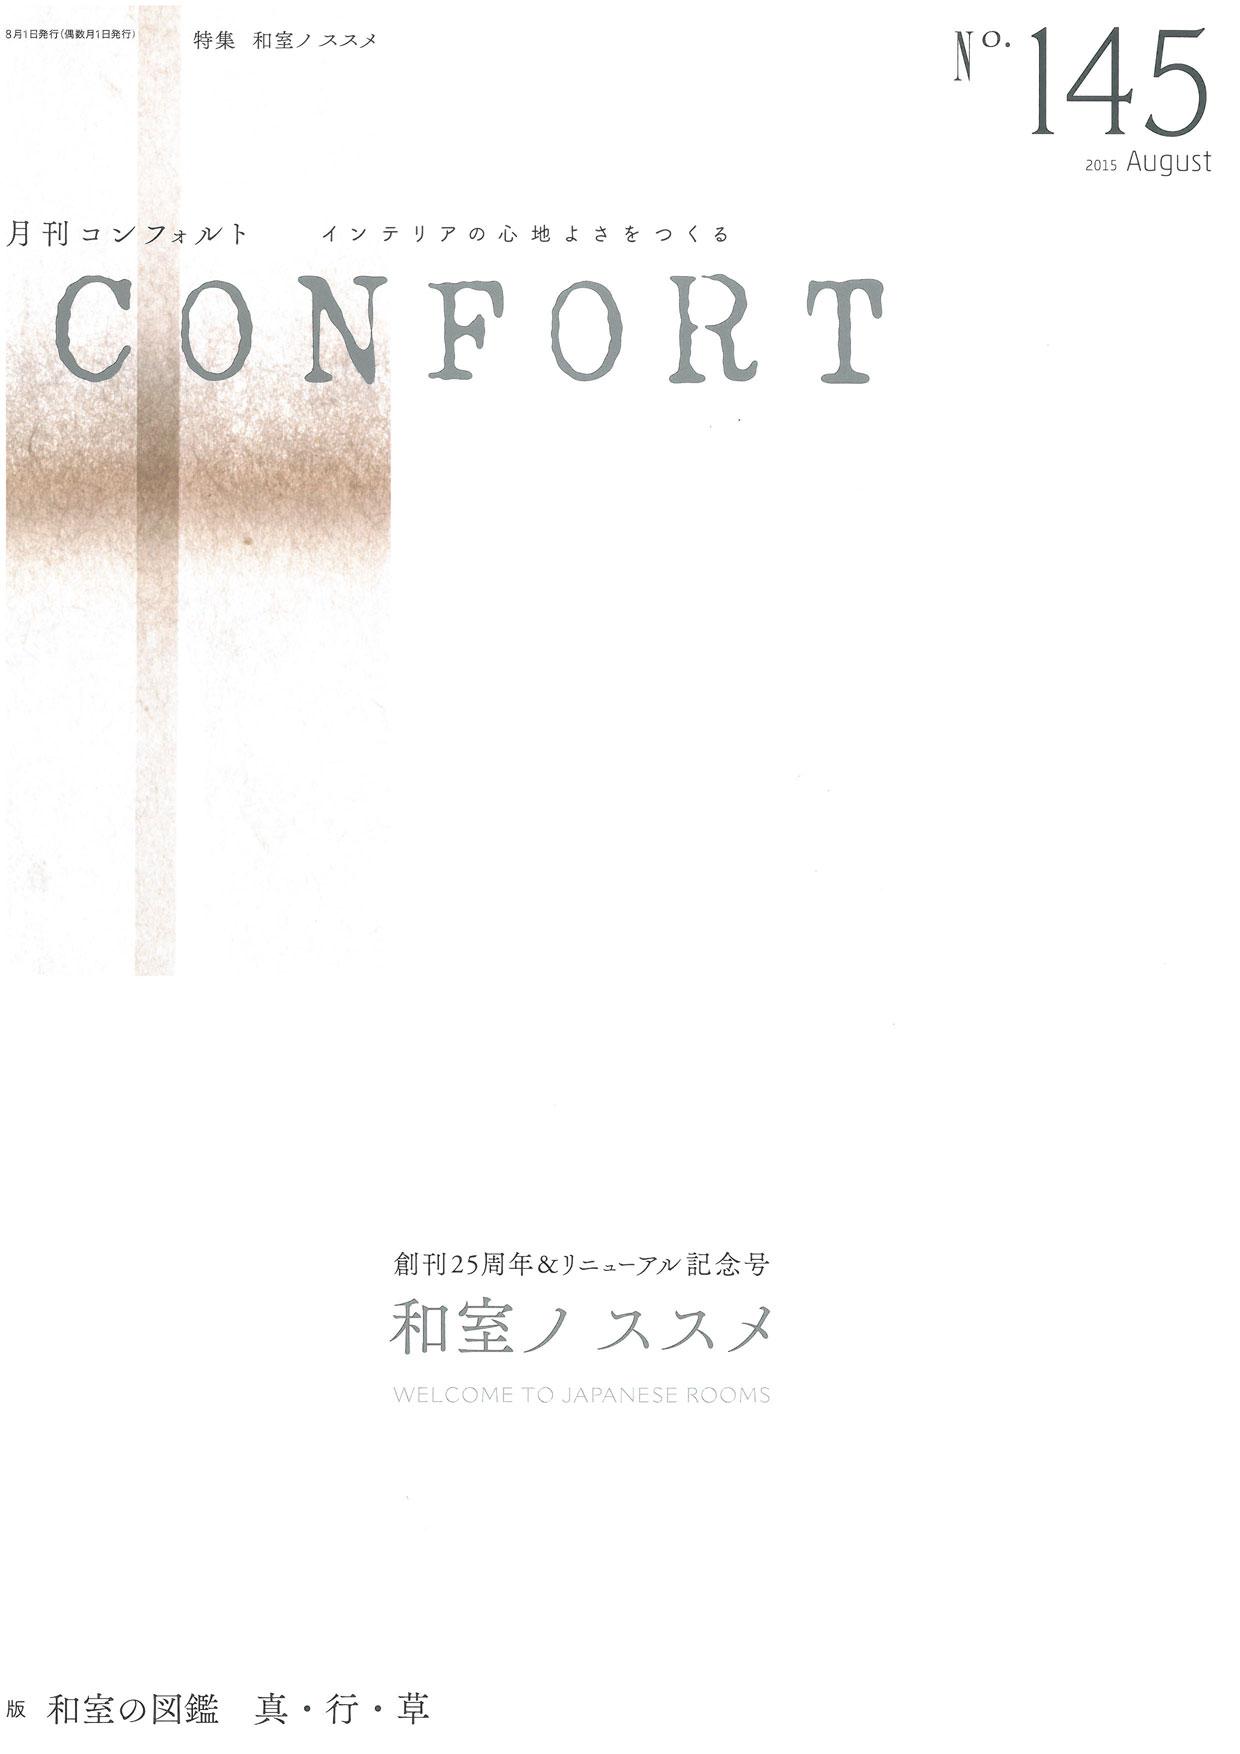 nonfort201508